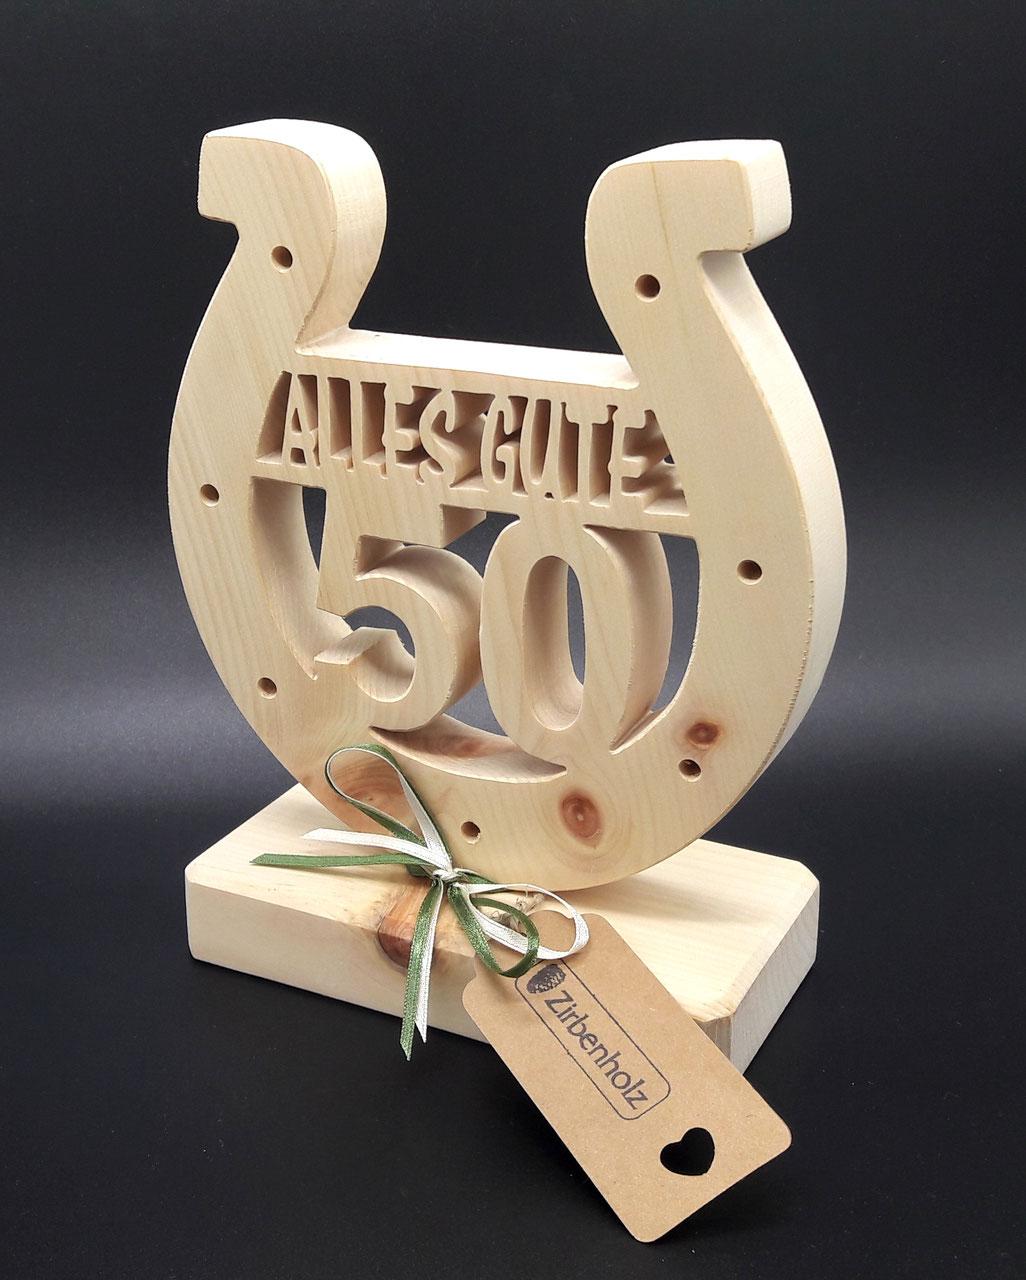 holz geschenke zum 50 geburtstag hochzeitsgeschenke aus holz. Black Bedroom Furniture Sets. Home Design Ideas